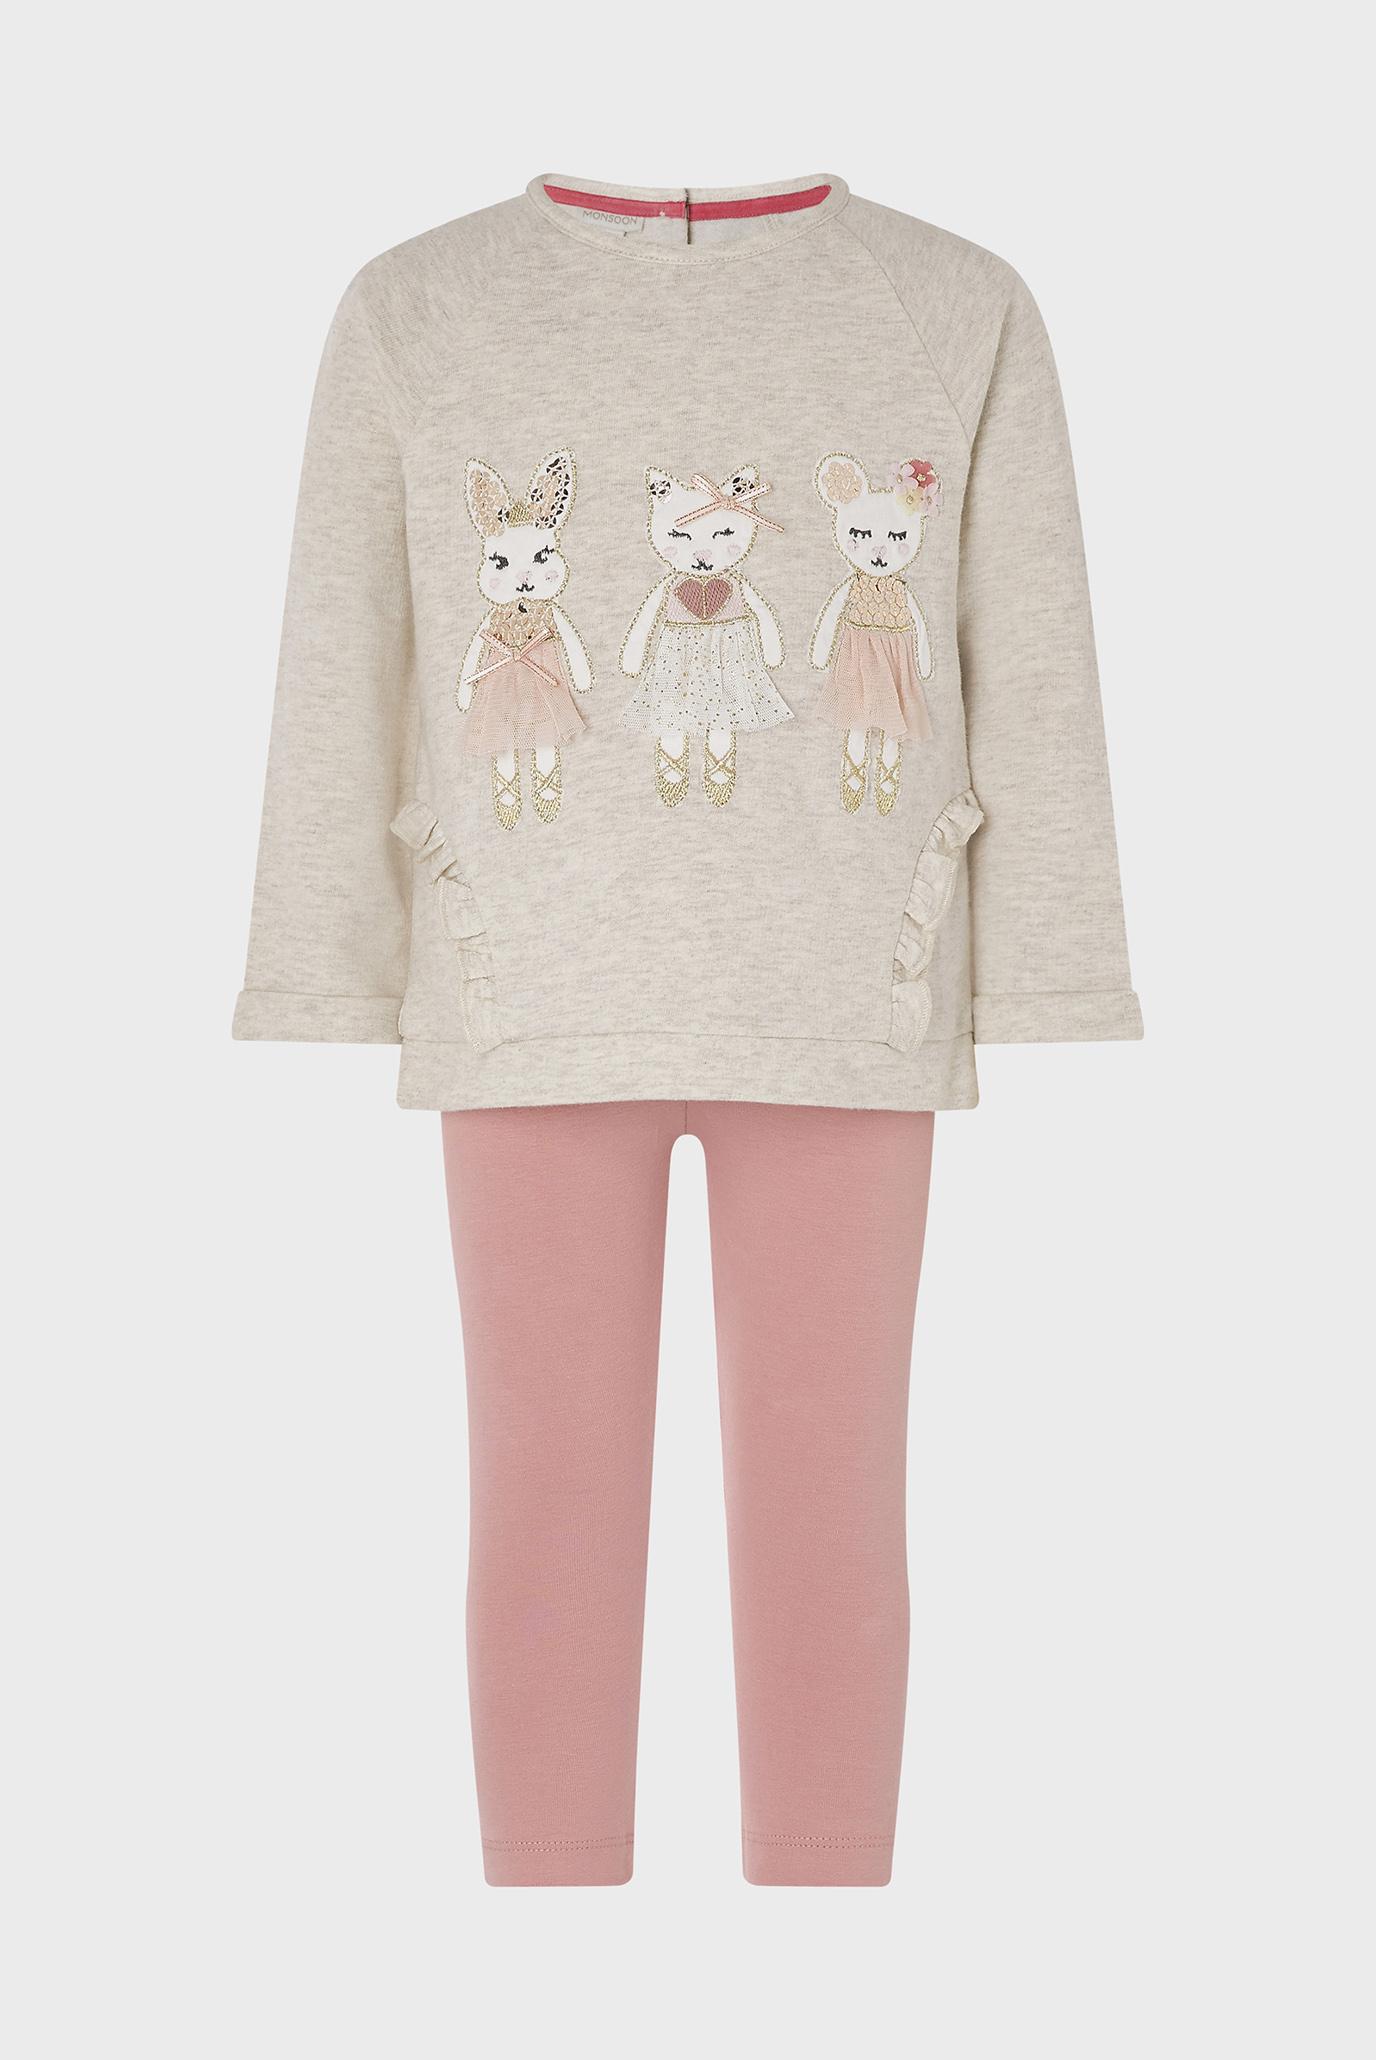 Детский комплект одежды (лонгслив, леггинсы) OATMEAL BABY MICE SE 1